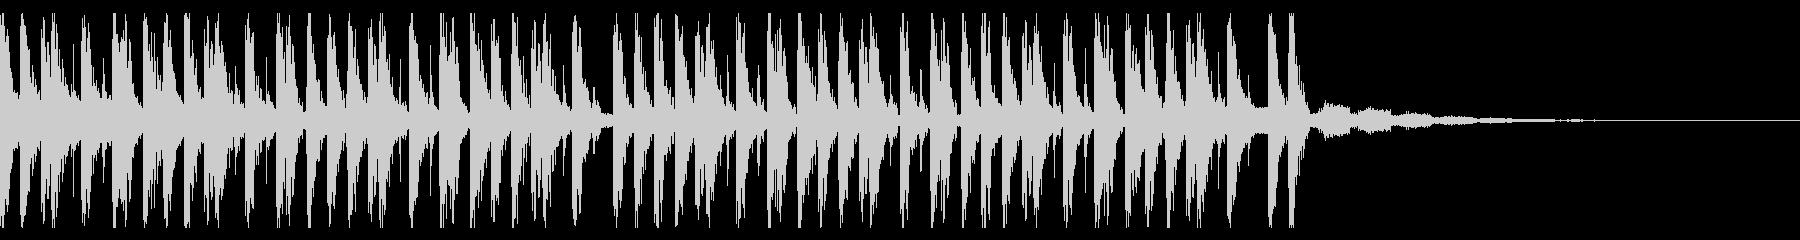 ファッションウィーク(20秒)の未再生の波形